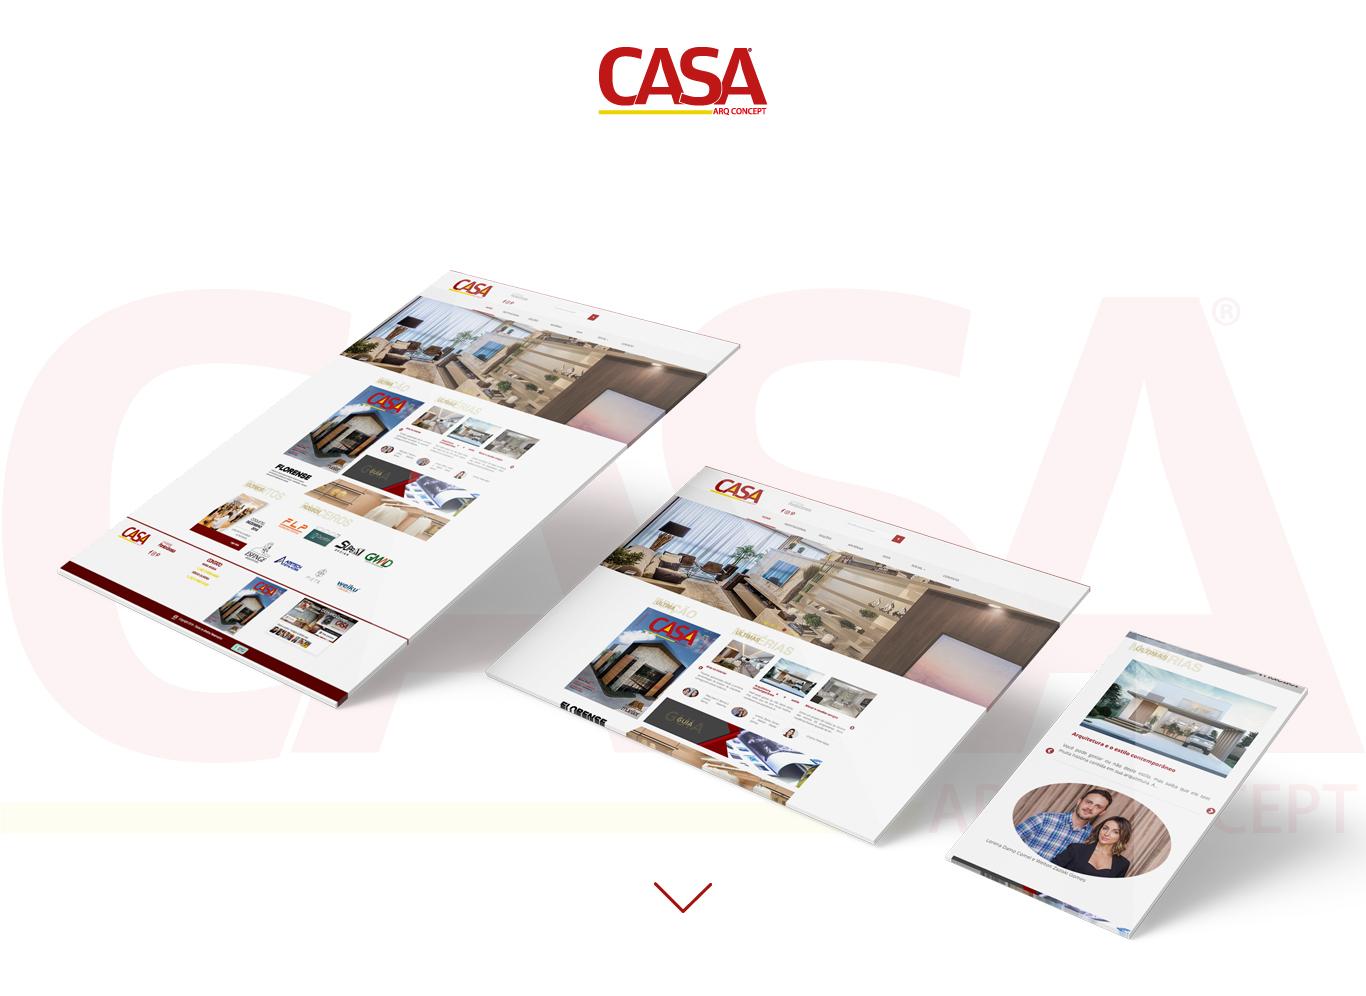 Casa Arq Concept